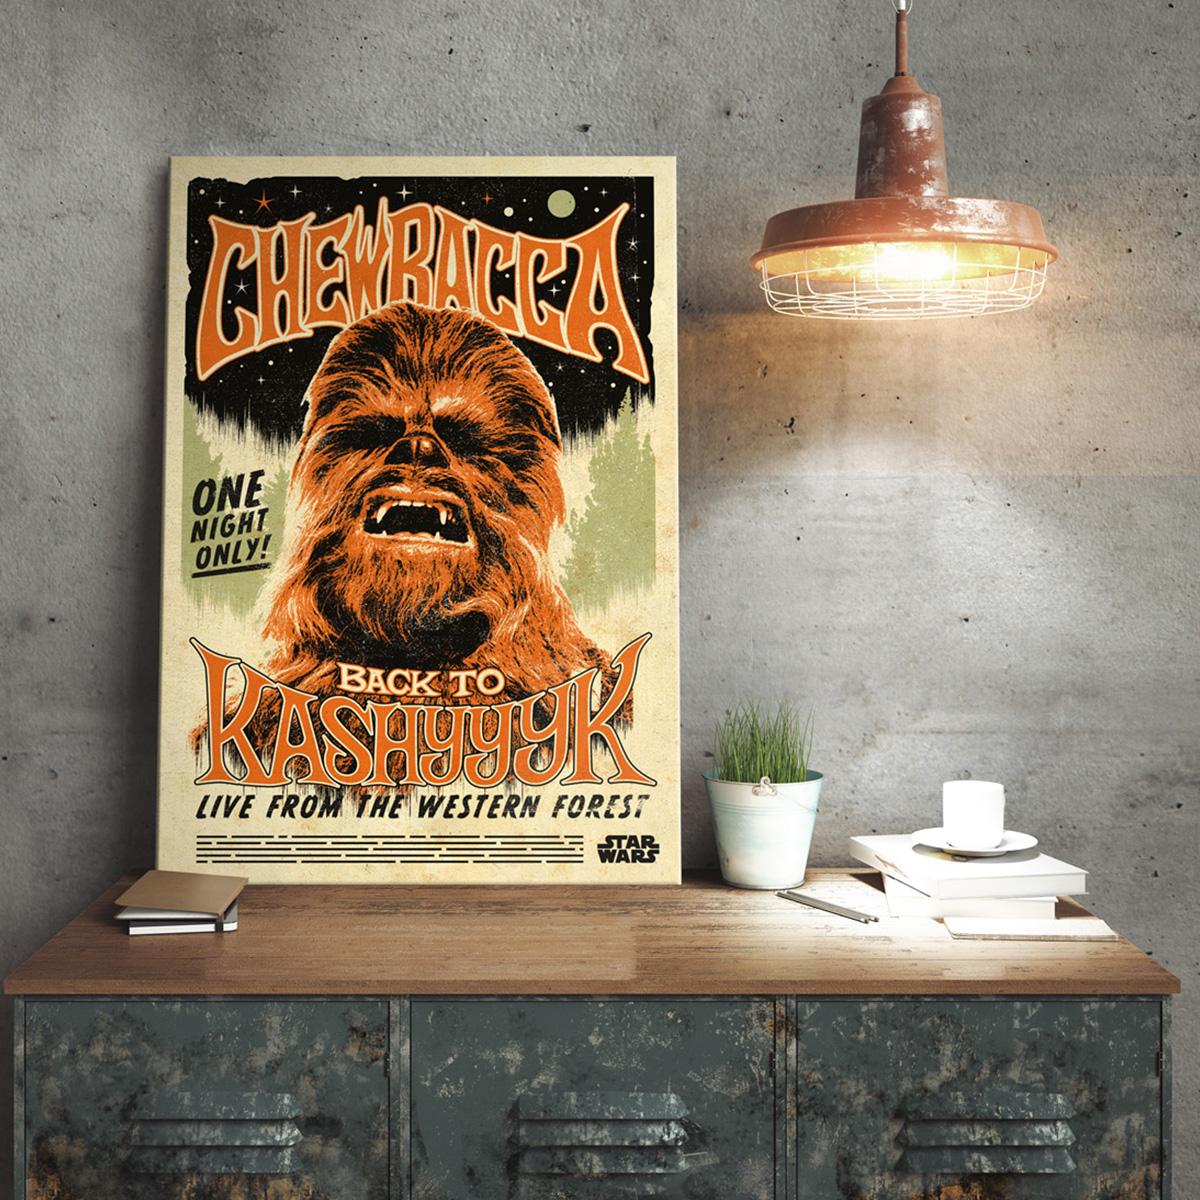 Star Wars Metallposter Chewbacca